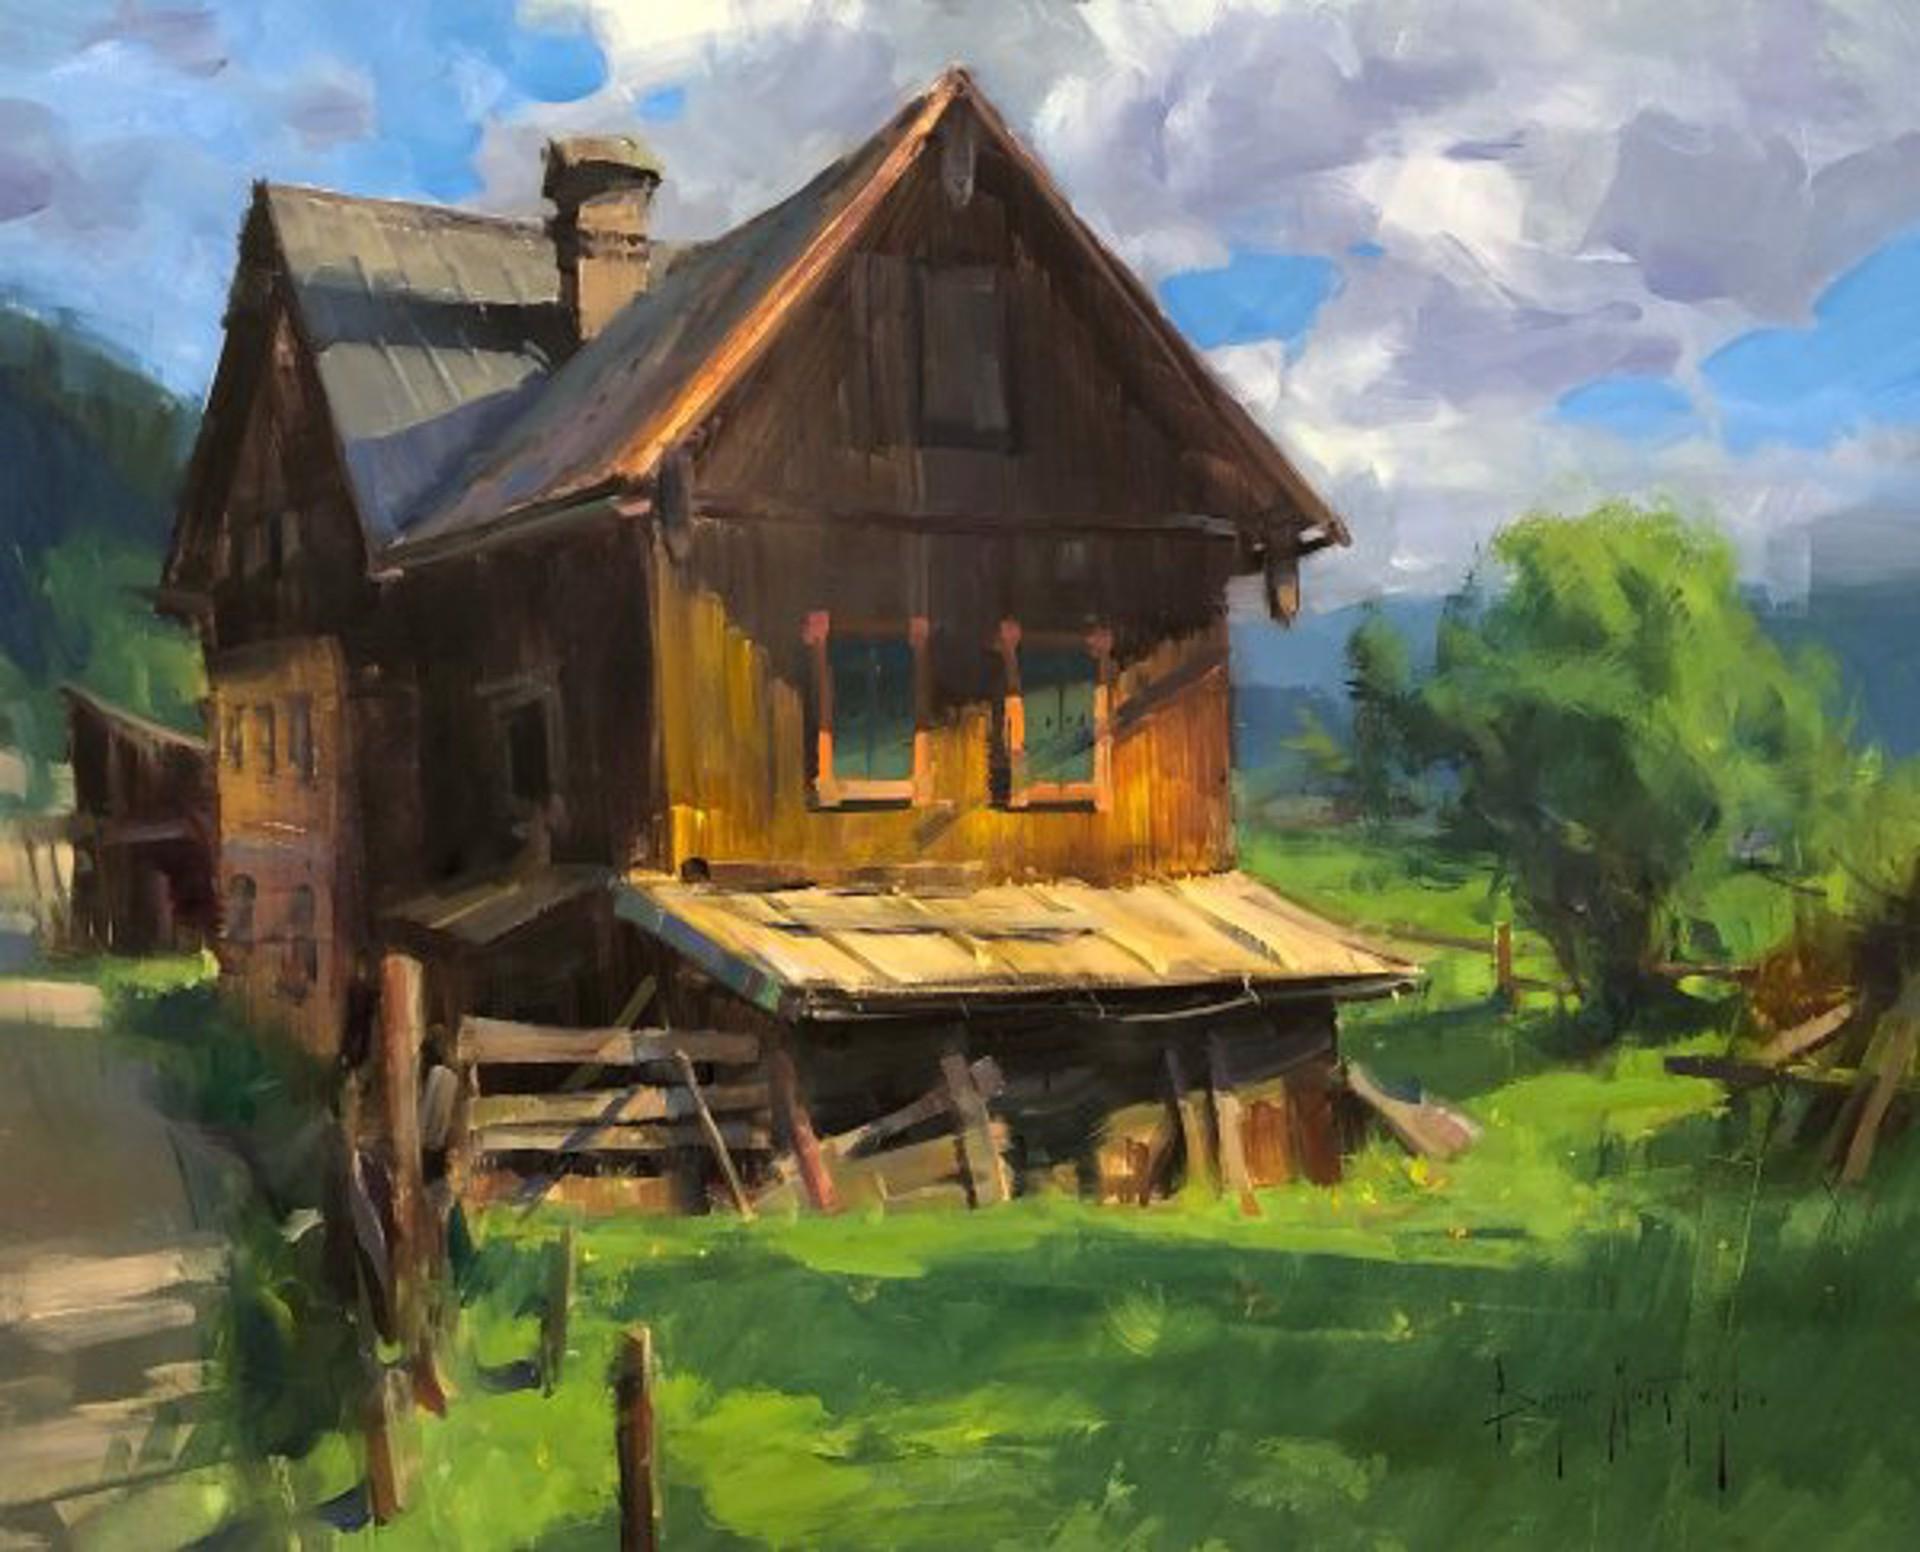 Saltzkammergut Farm by Bryan Mark Taylor